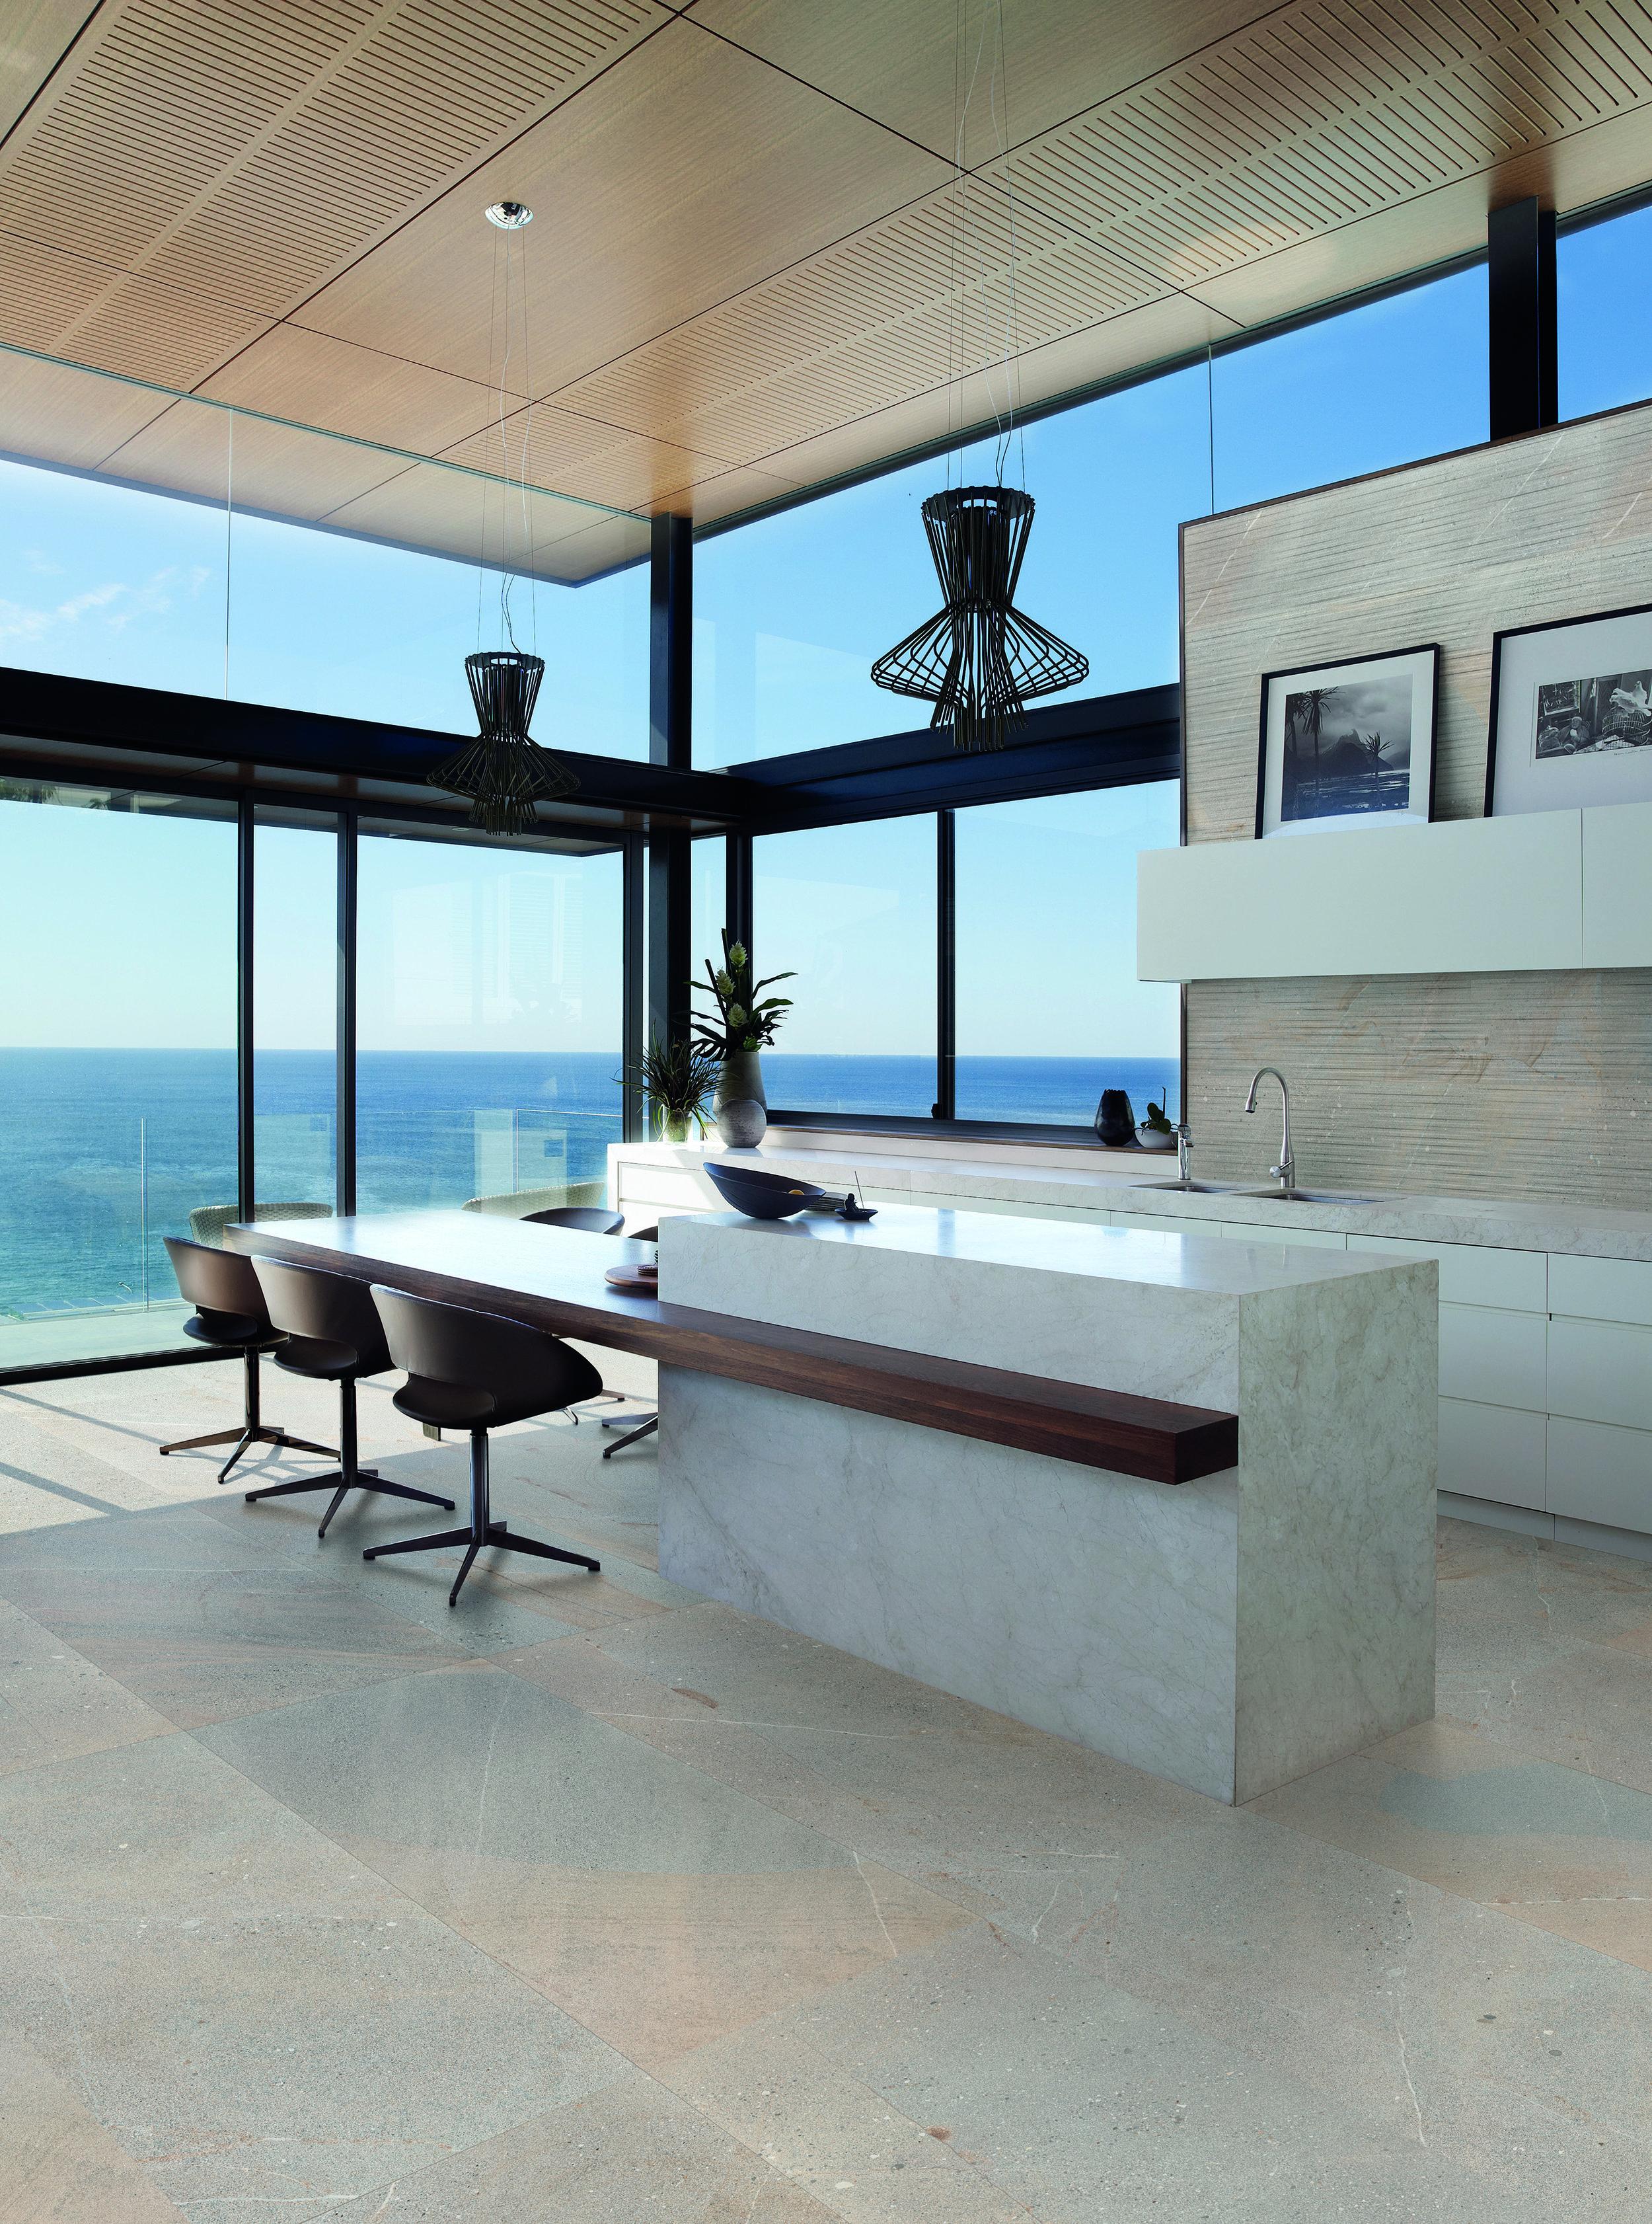 Cornerstone Granite Stone Nat 60x120-Parallelo Amb. Cucina.jpg